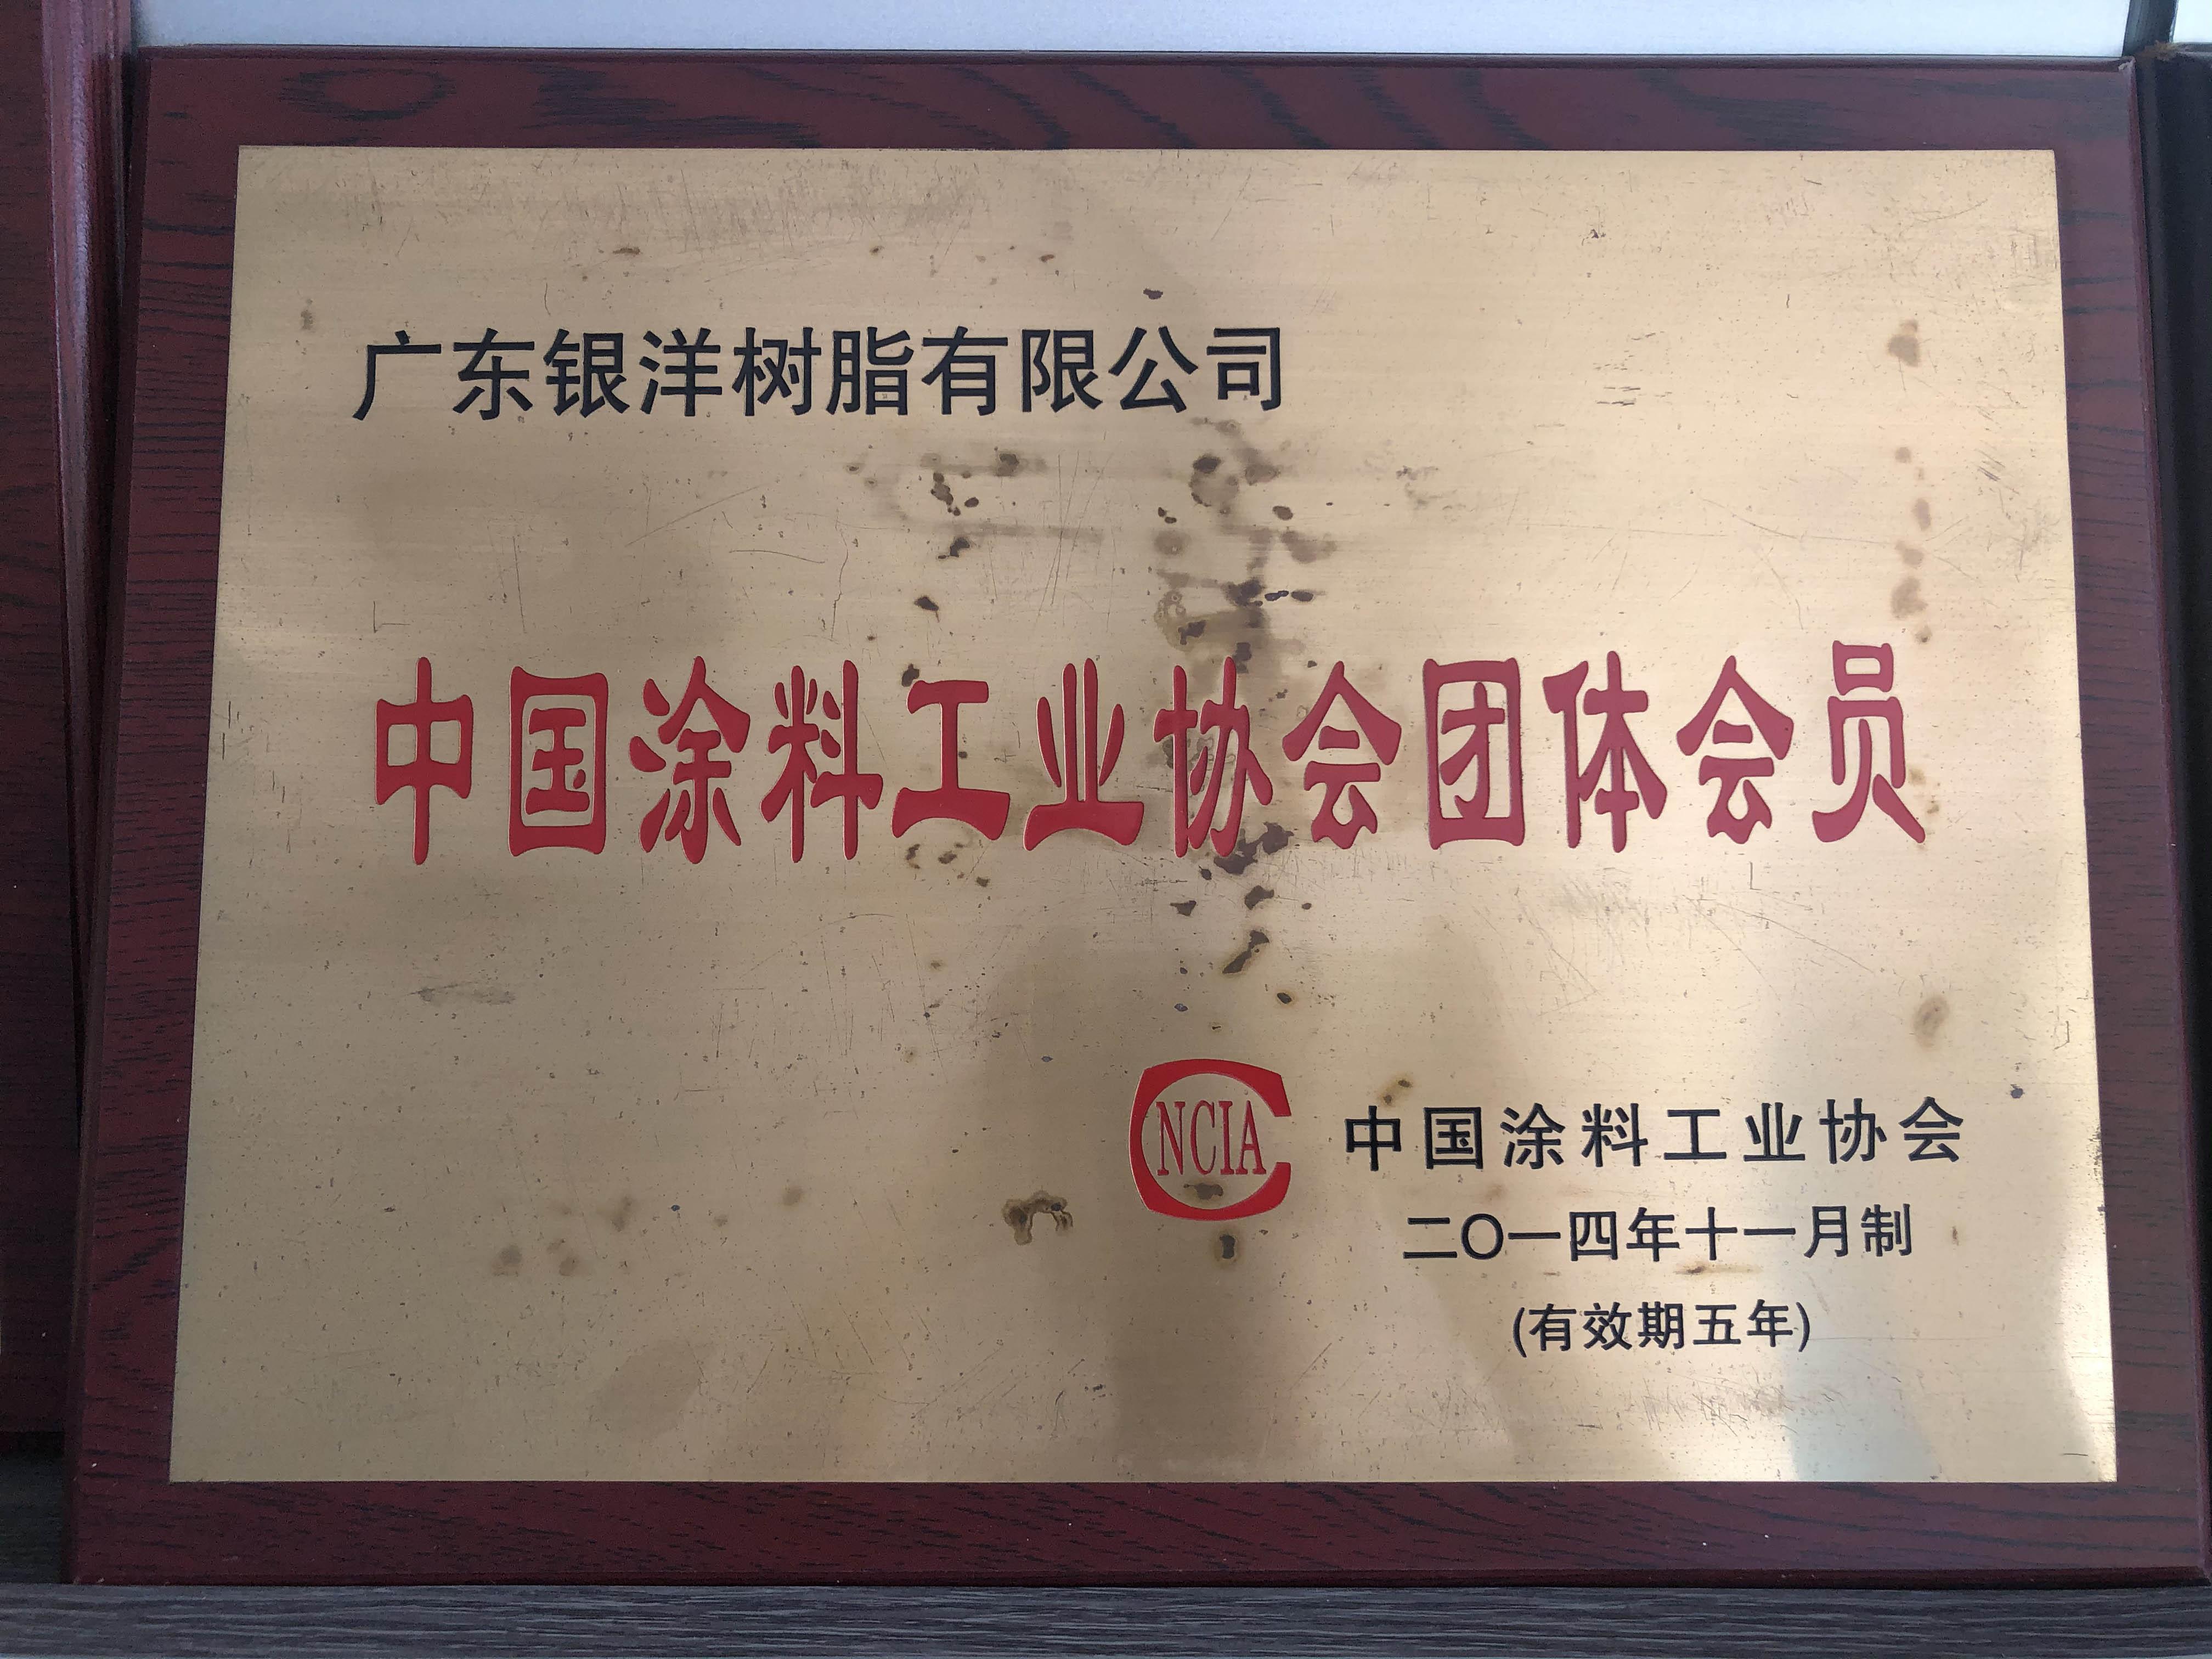 中国涂料工业协会团体会员